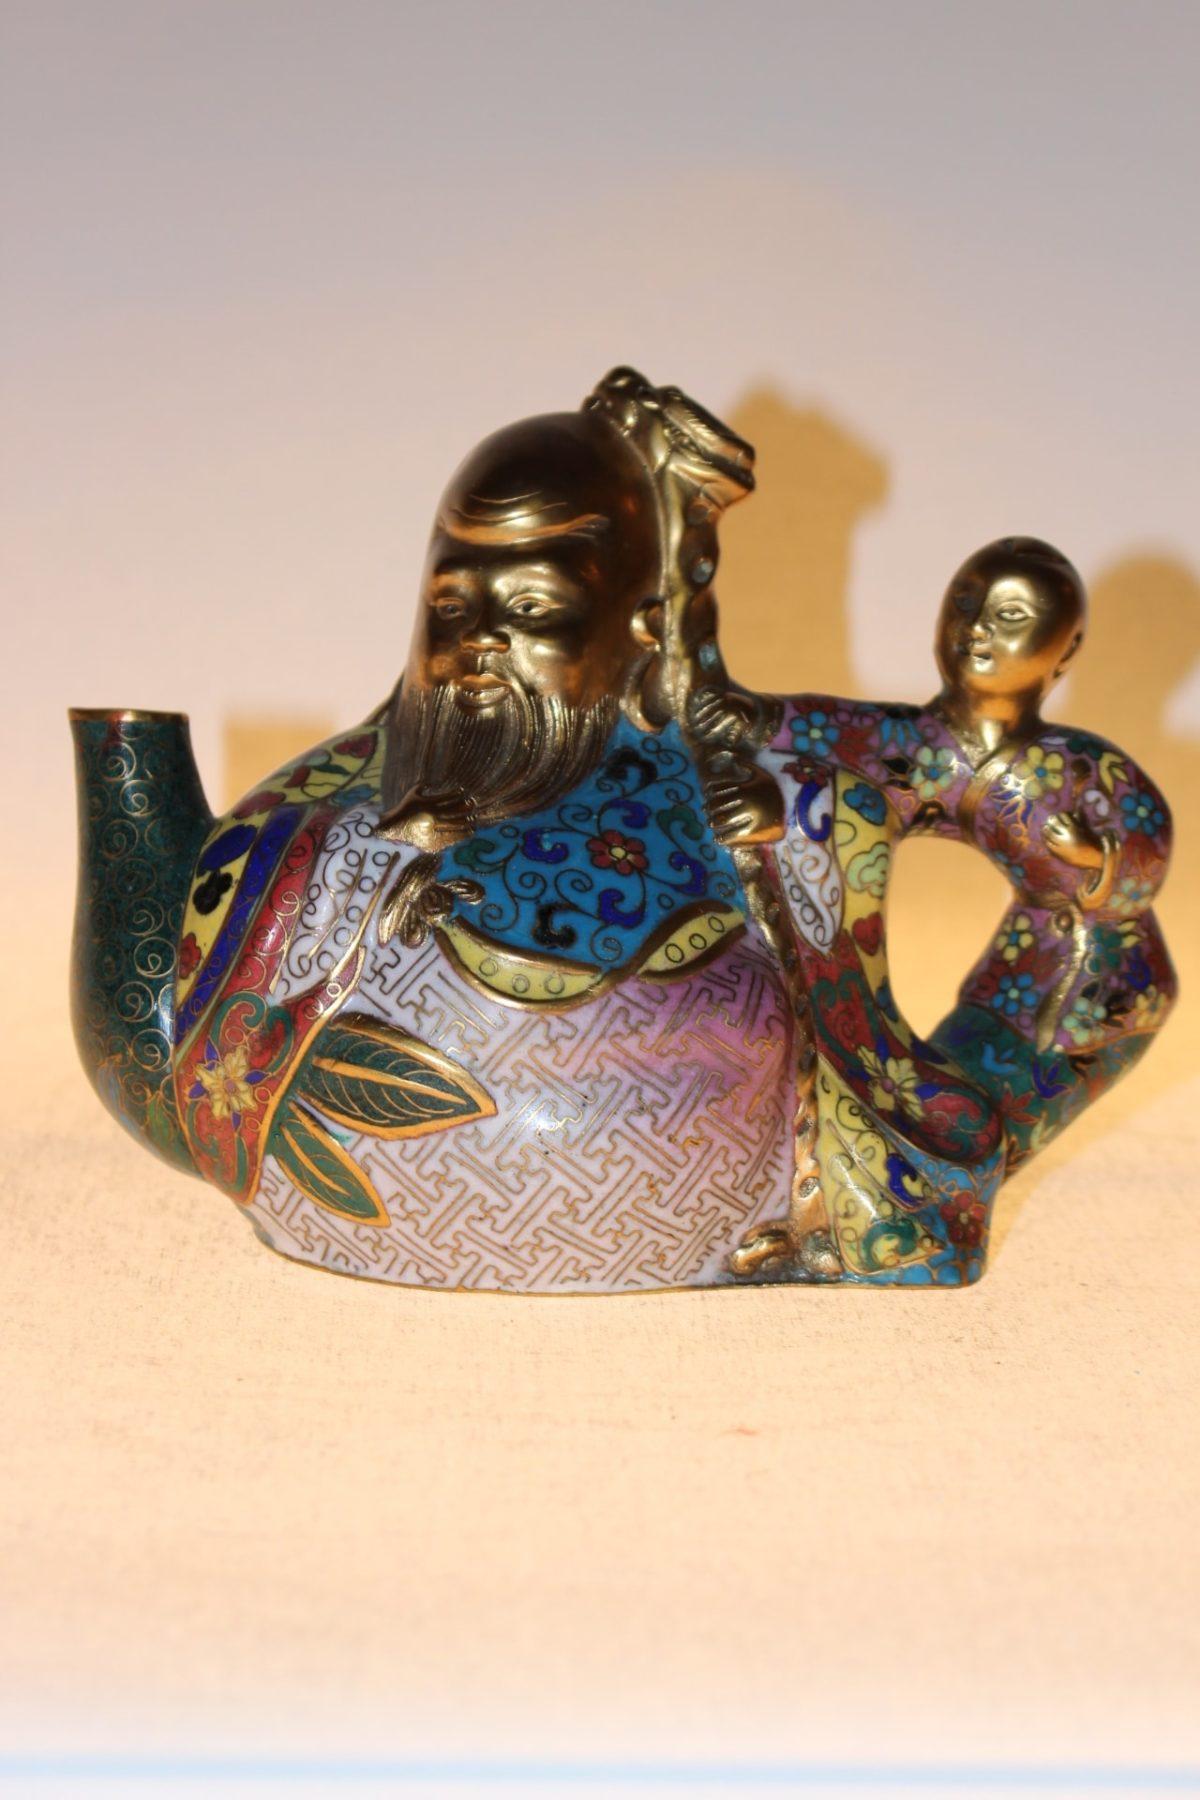 Chinesische Teekanne aus Cloisonné, ca. 75 Jahre alt, 13 x 17,5 x 10 cm